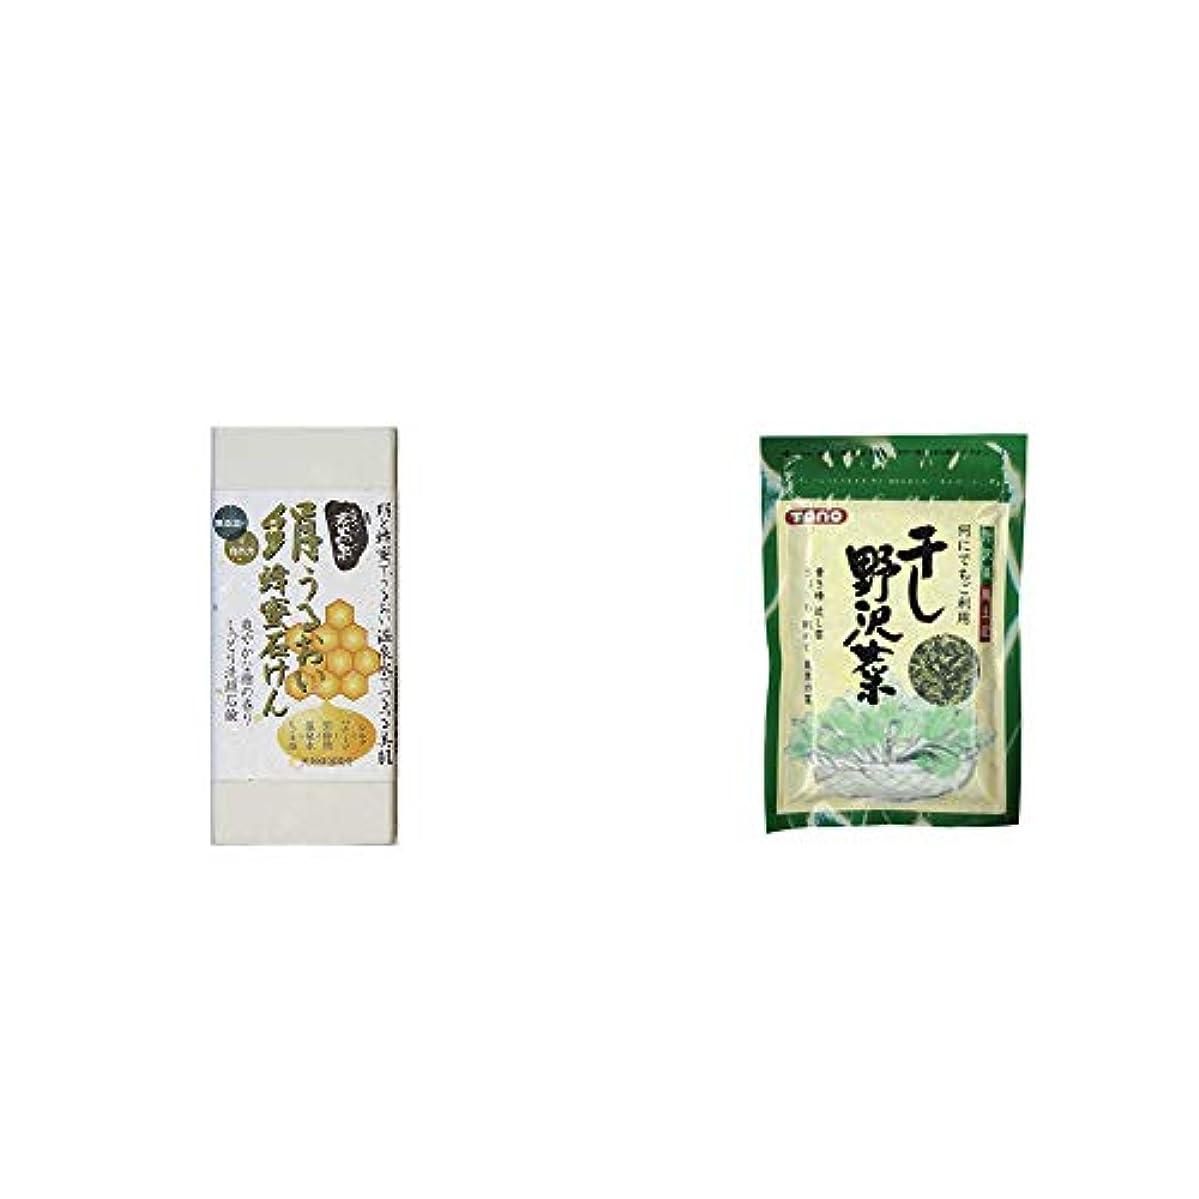 とても計画オンス[2点セット] ひのき炭黒泉 絹うるおい蜂蜜石けん(75g×2)?干し野沢菜(100g)